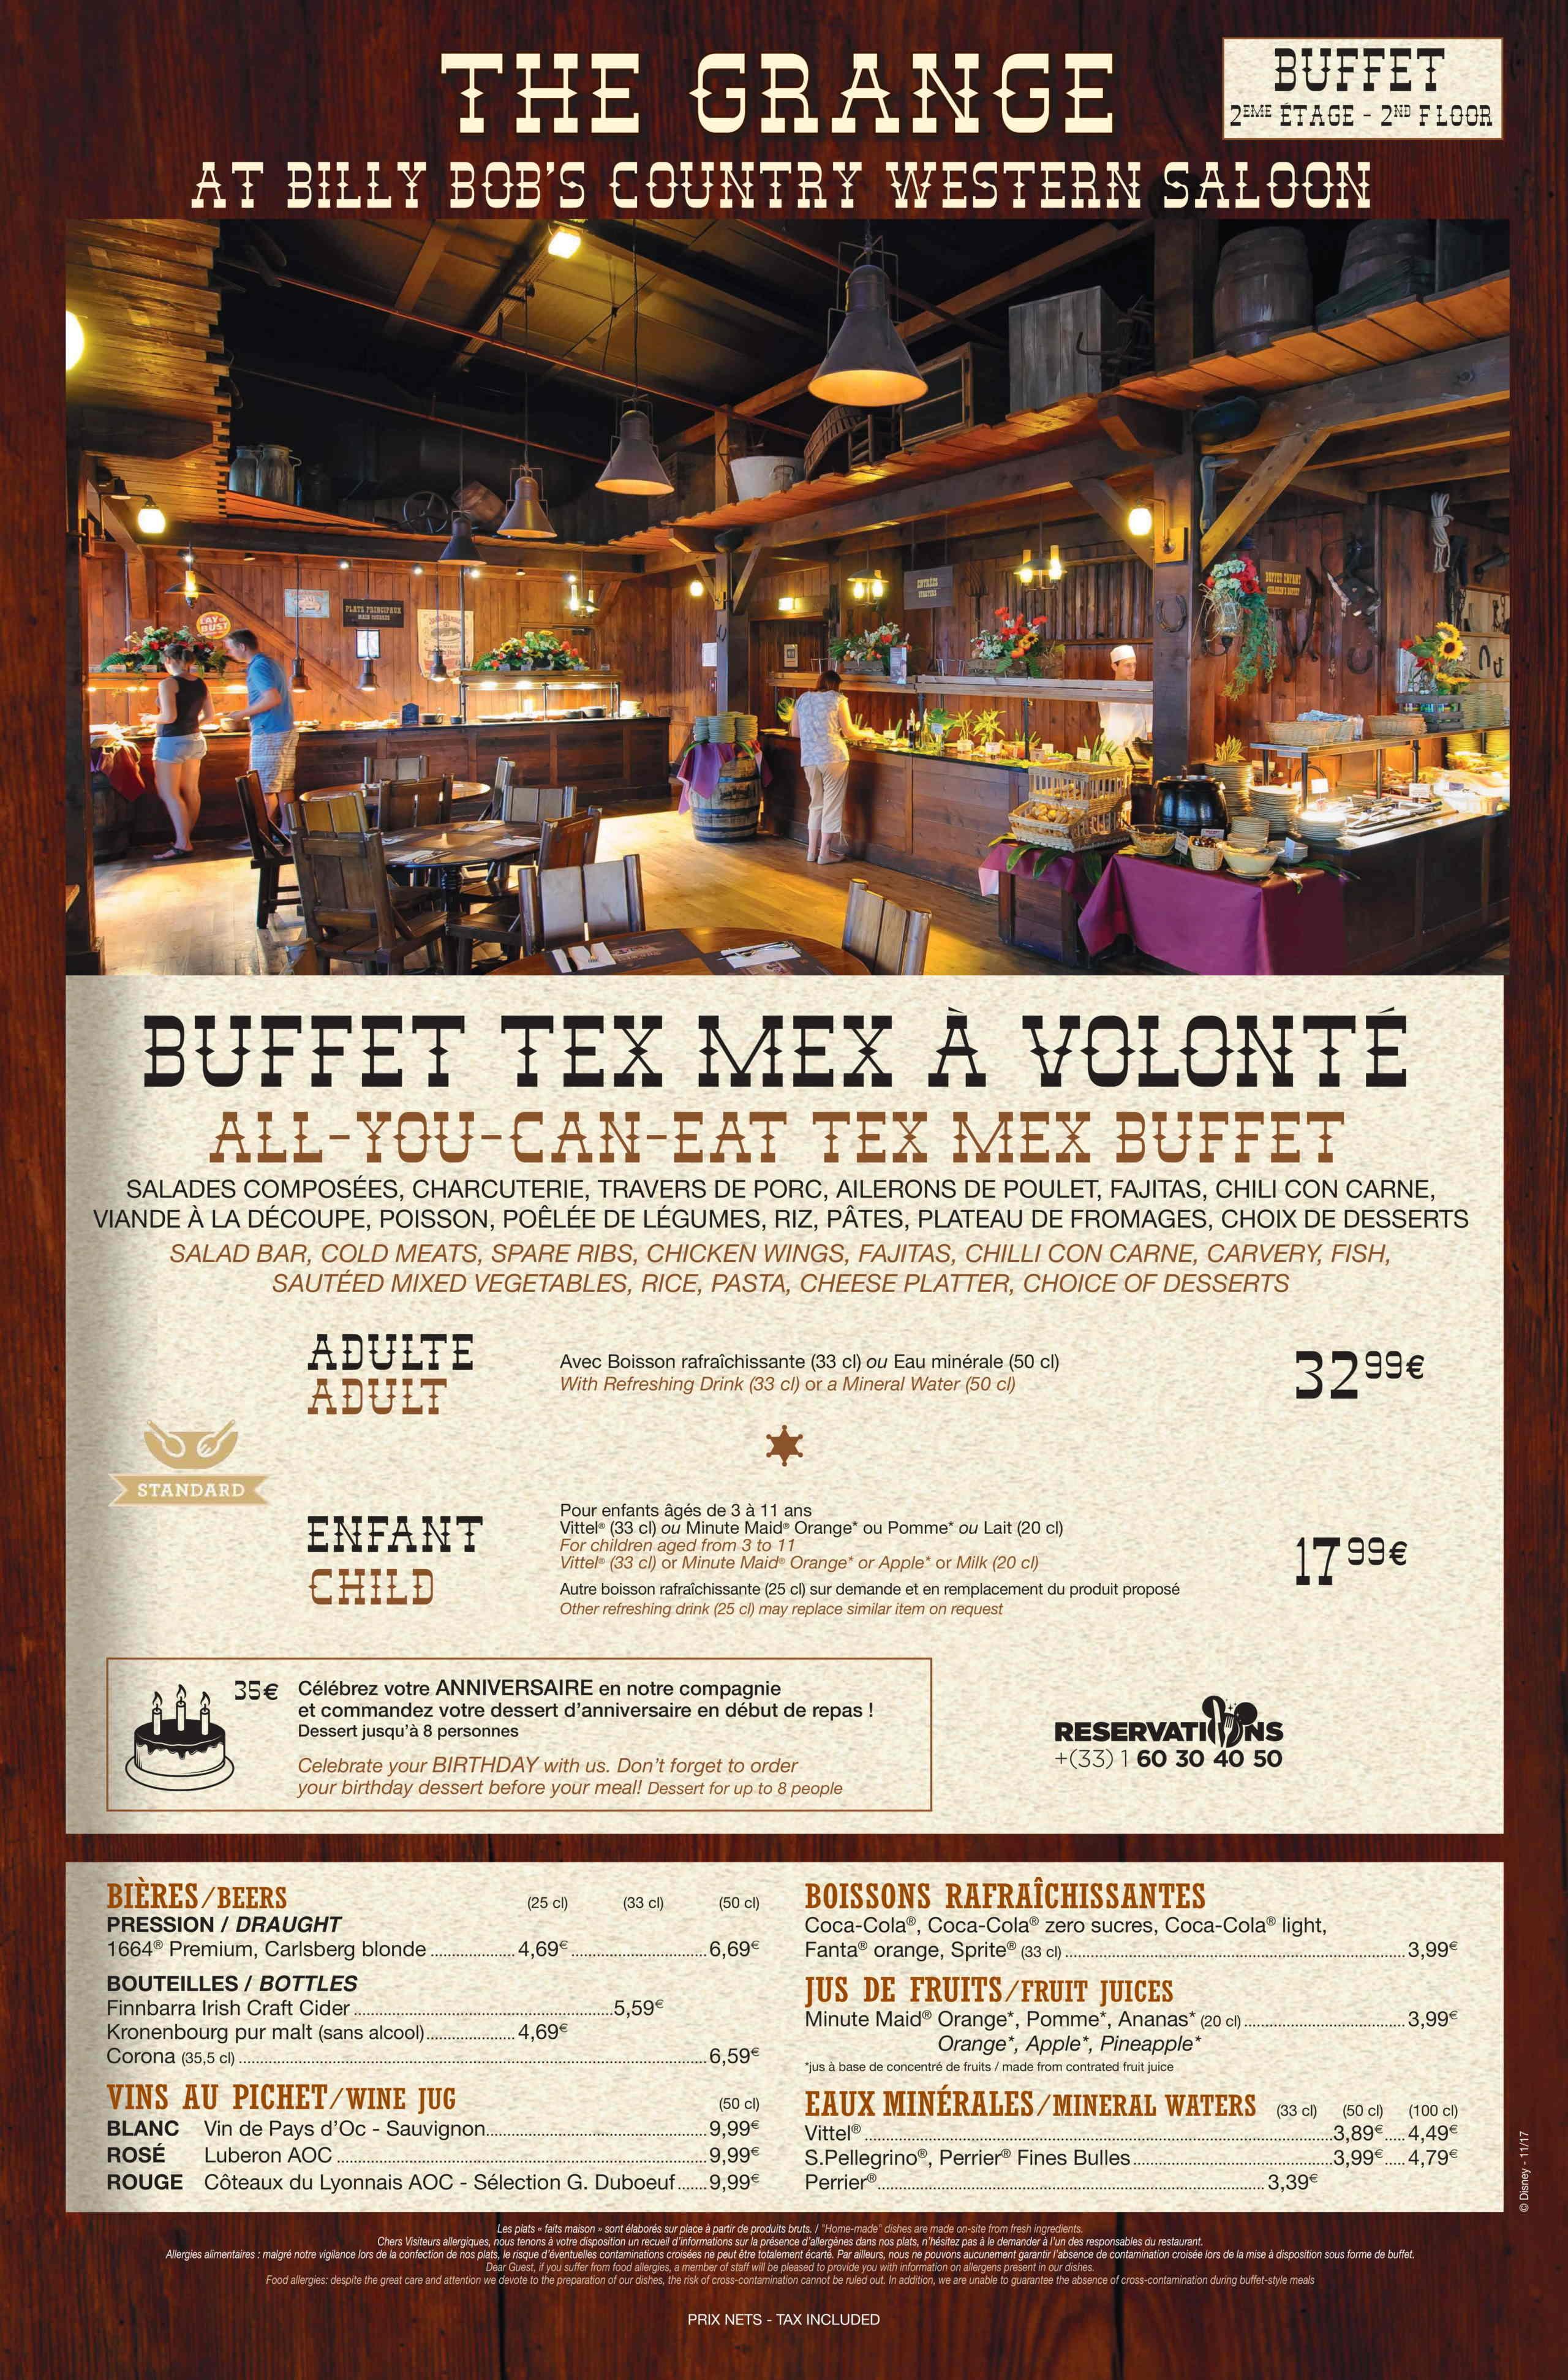 Menu ristoranti servizio Buffet La-gra11